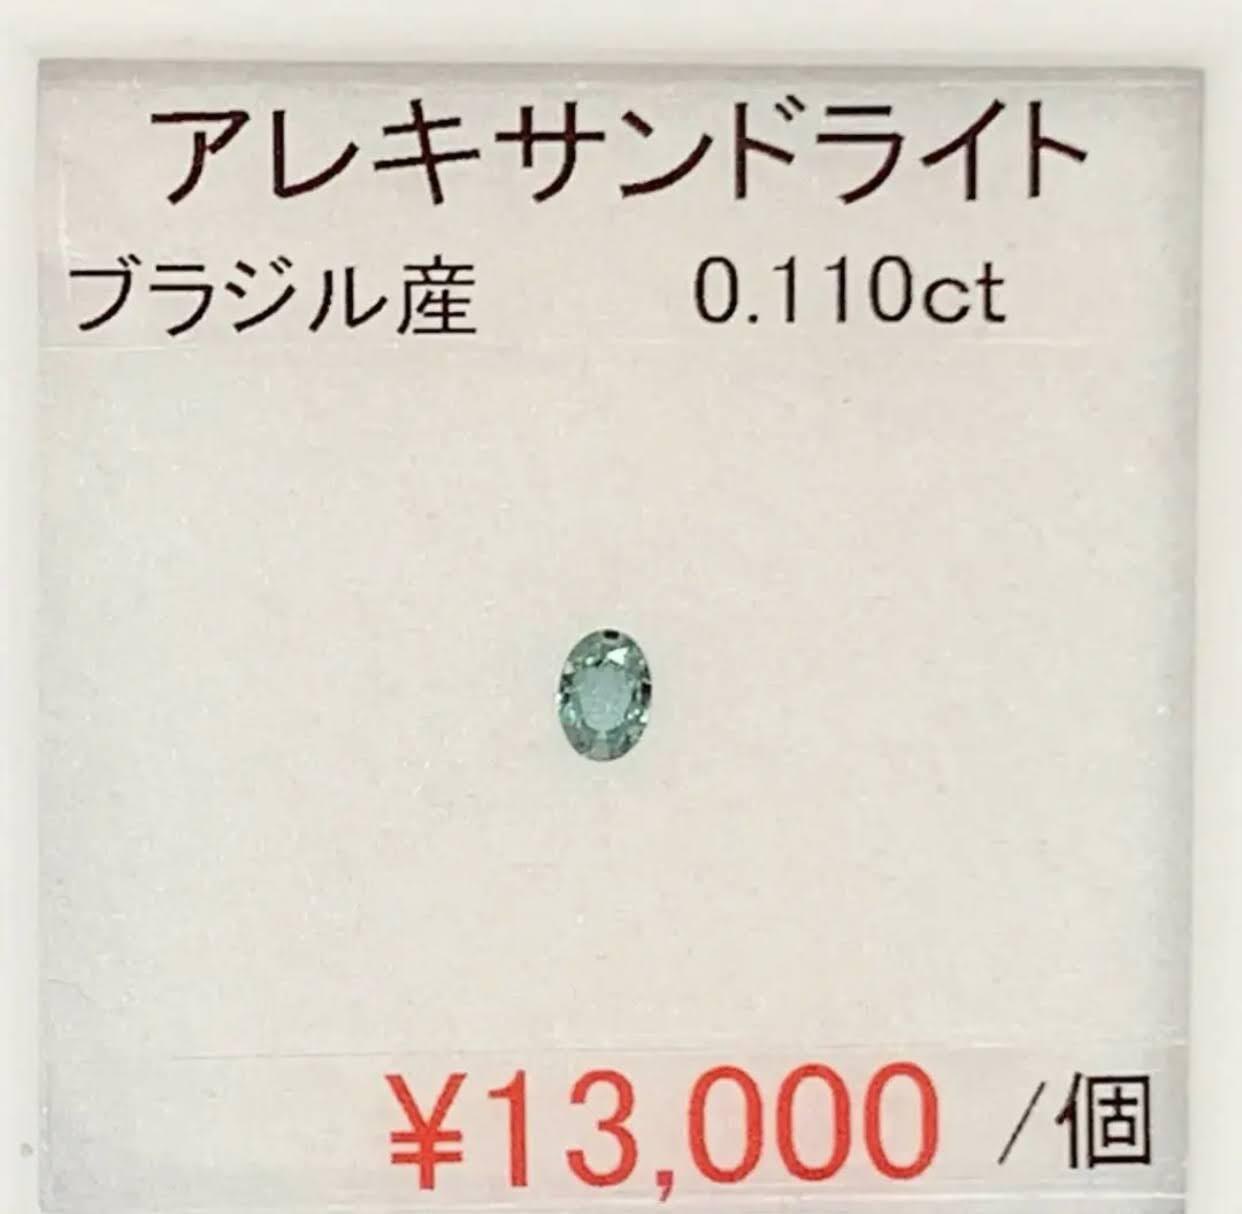 小田切様⁂天然⁂ ◇アレキサンドライト◇ 0.110ct AAA ブラジル産